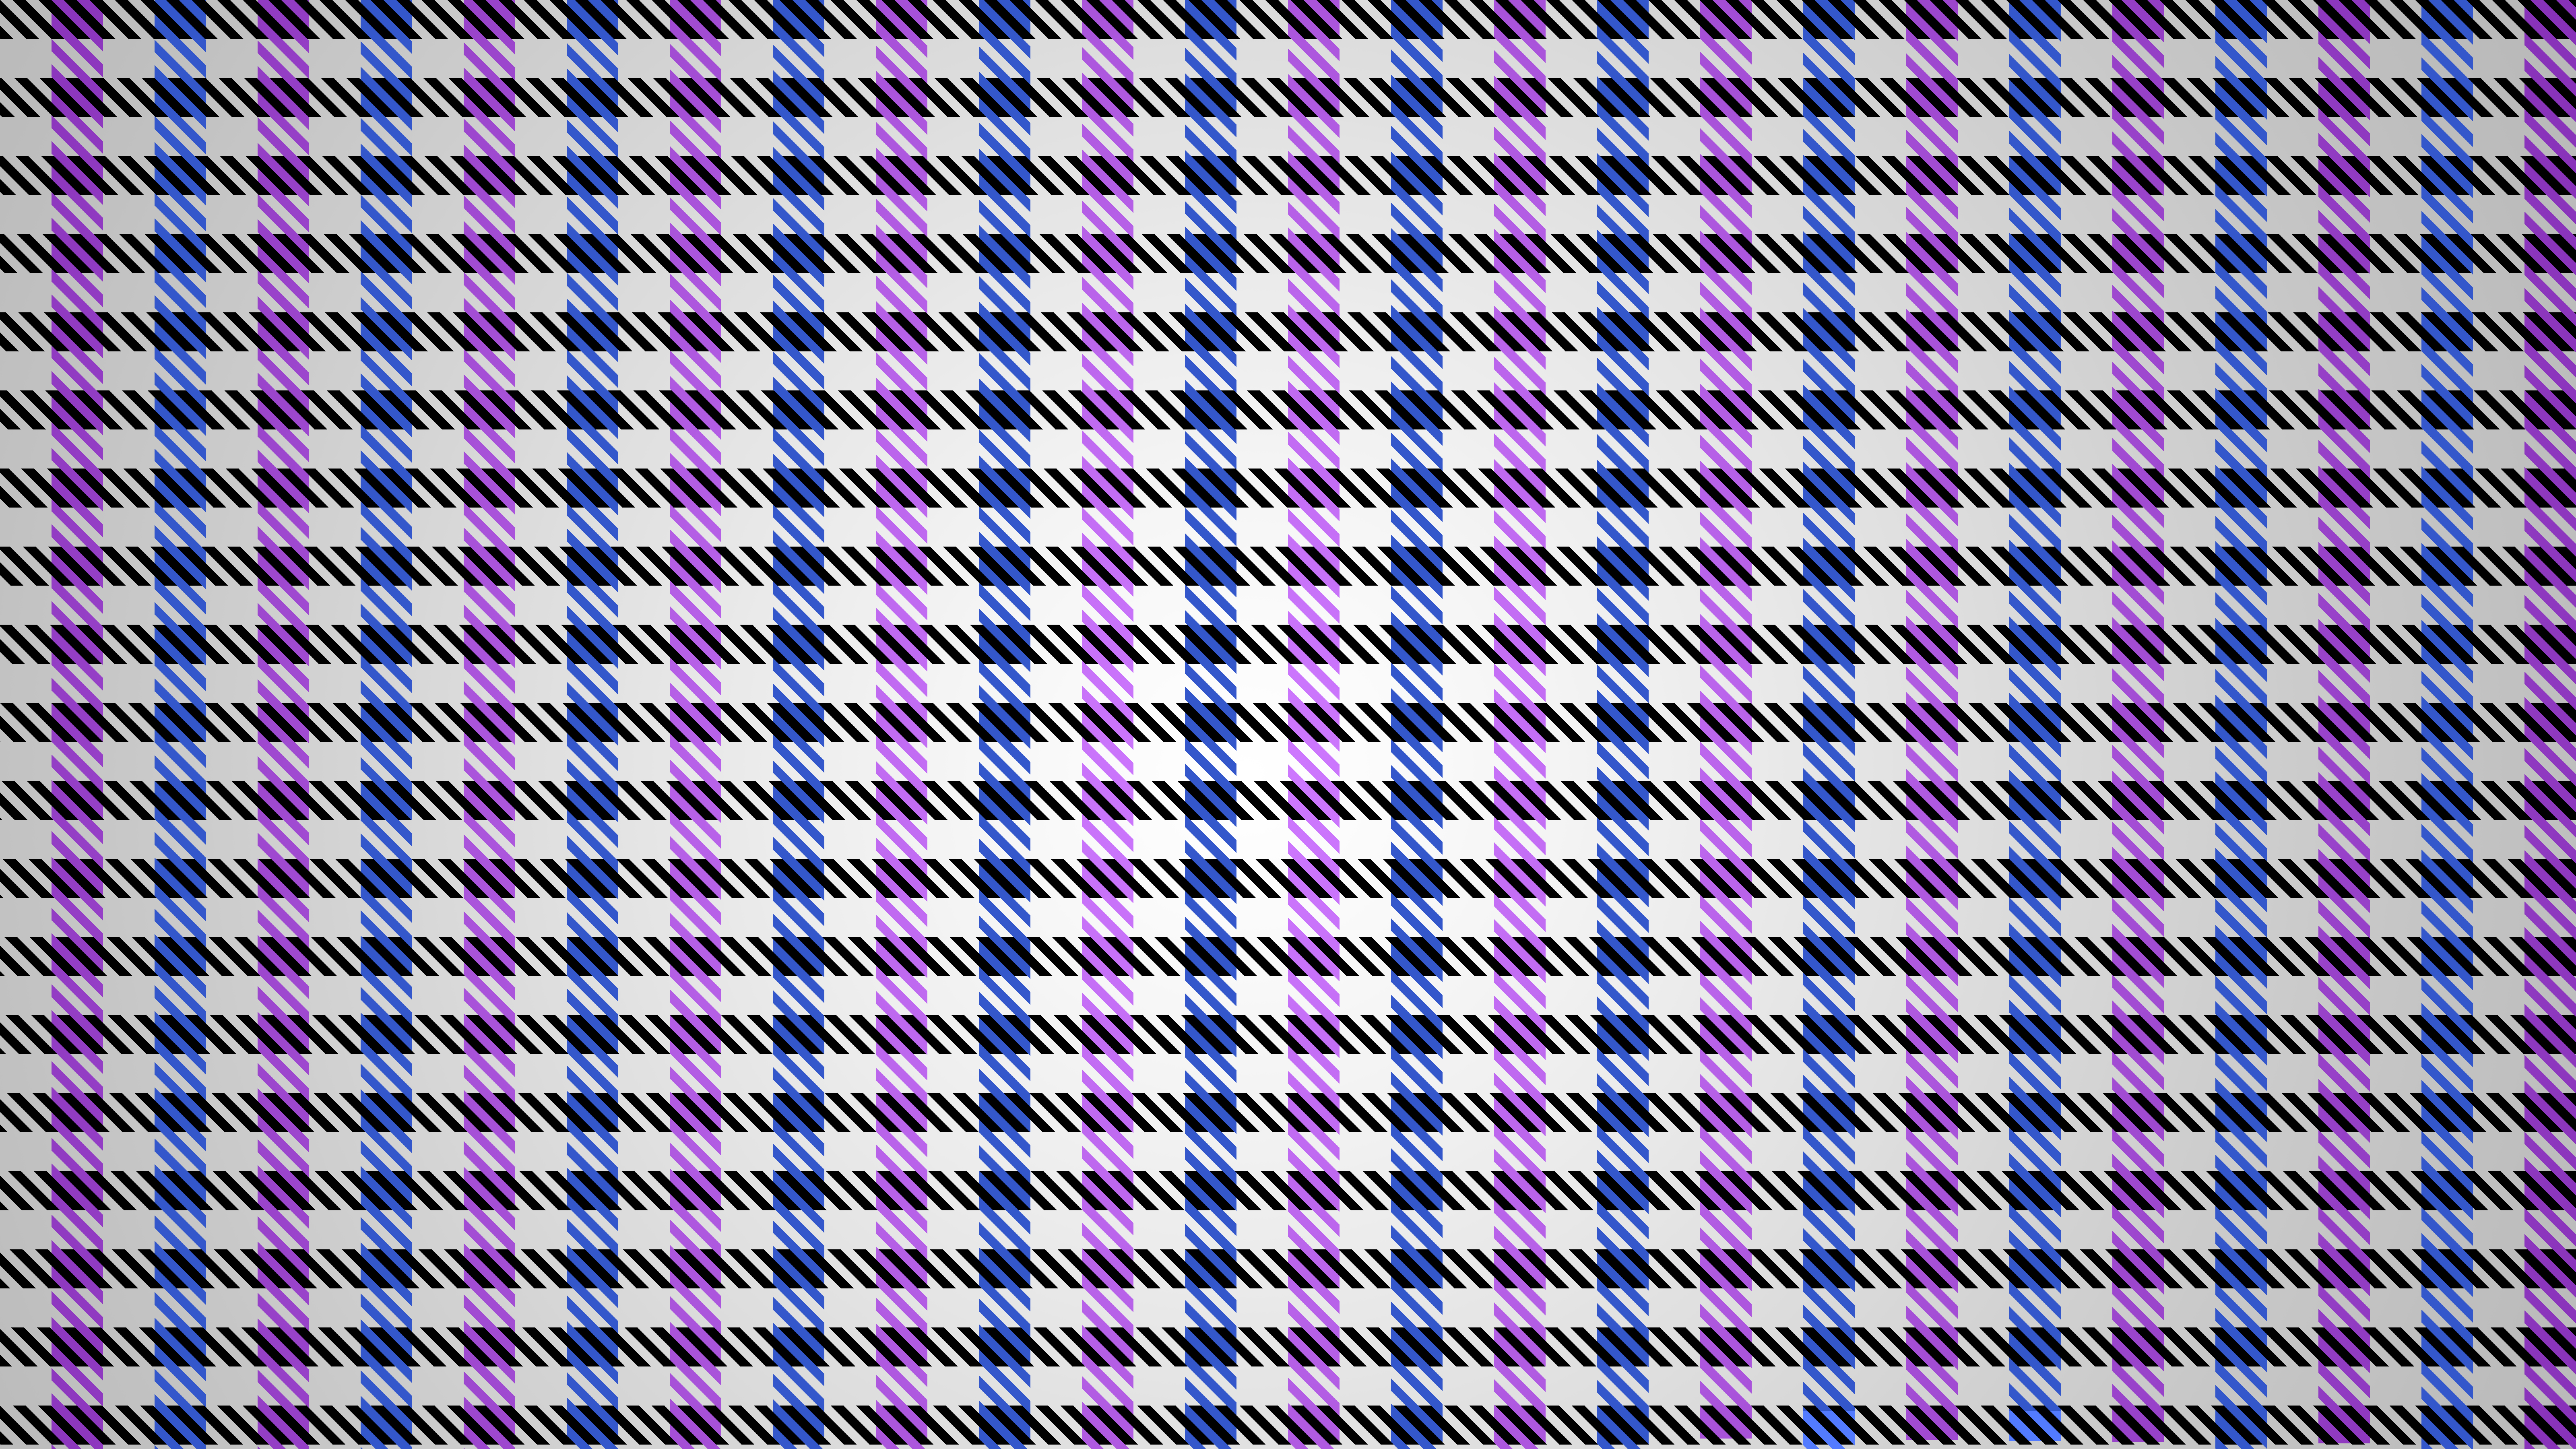 purple gingham computer wallpapers desktop backgrounds